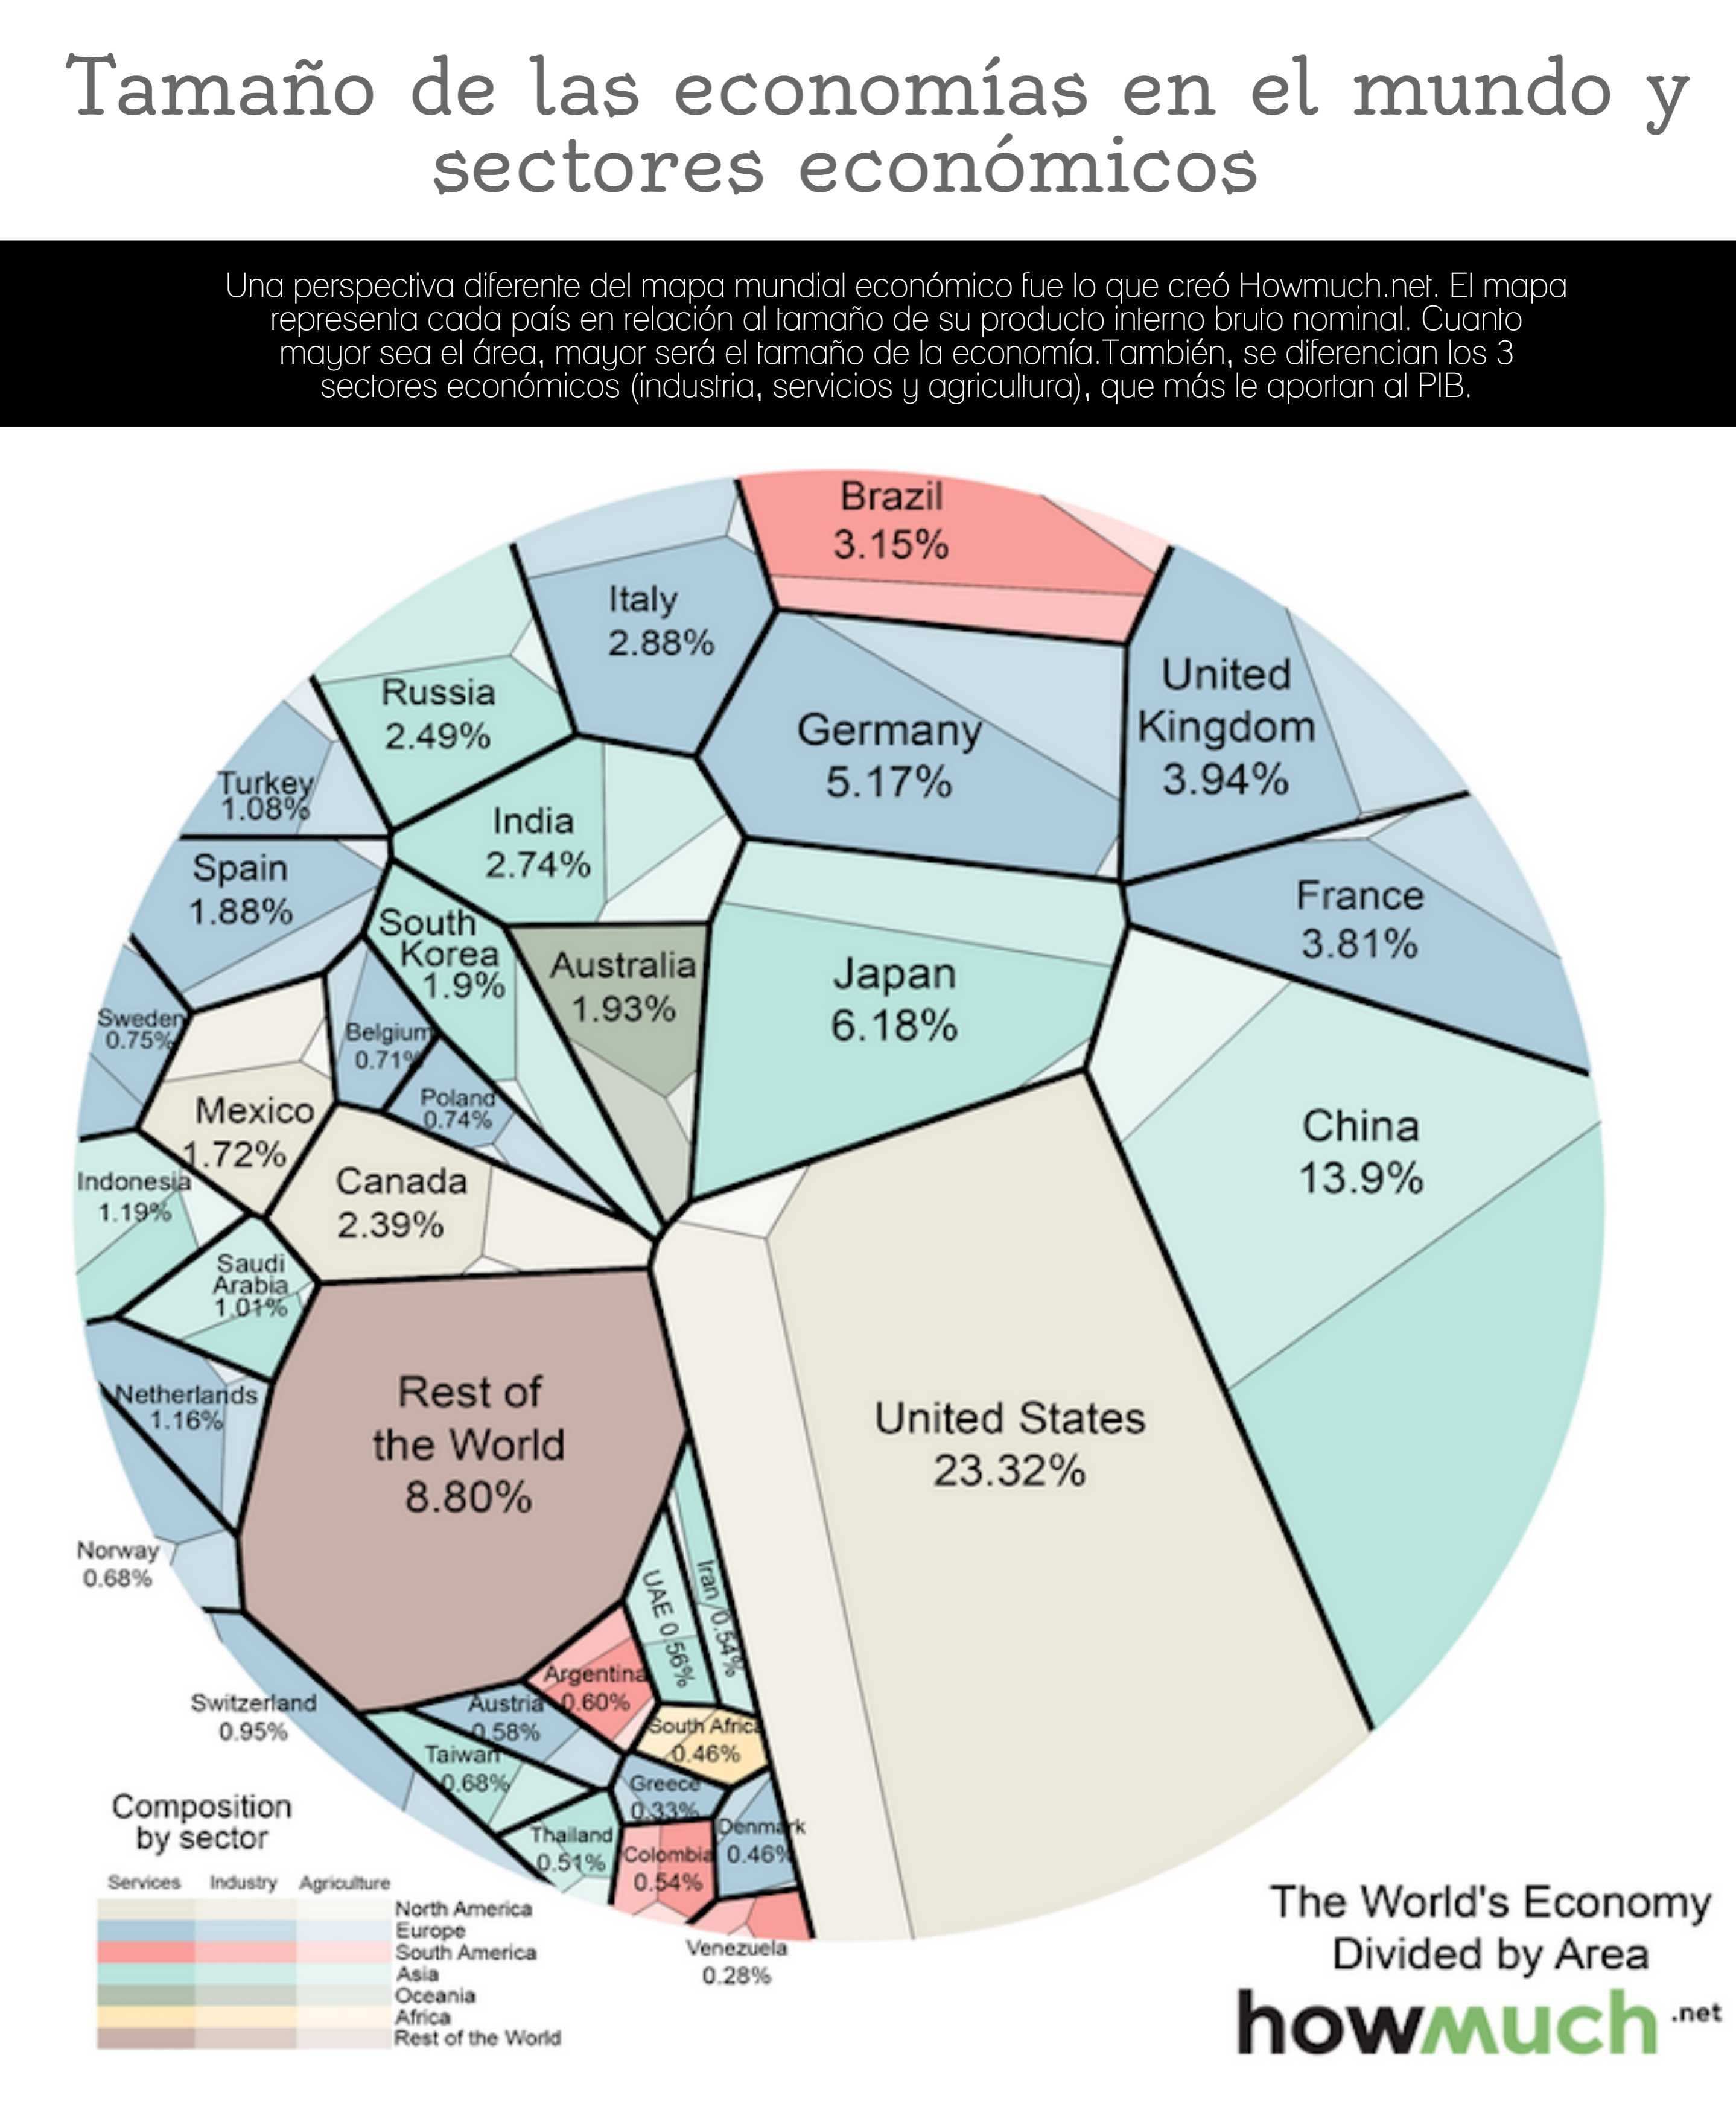 La participación de los sectores económicos en la ecnomía mundial ...